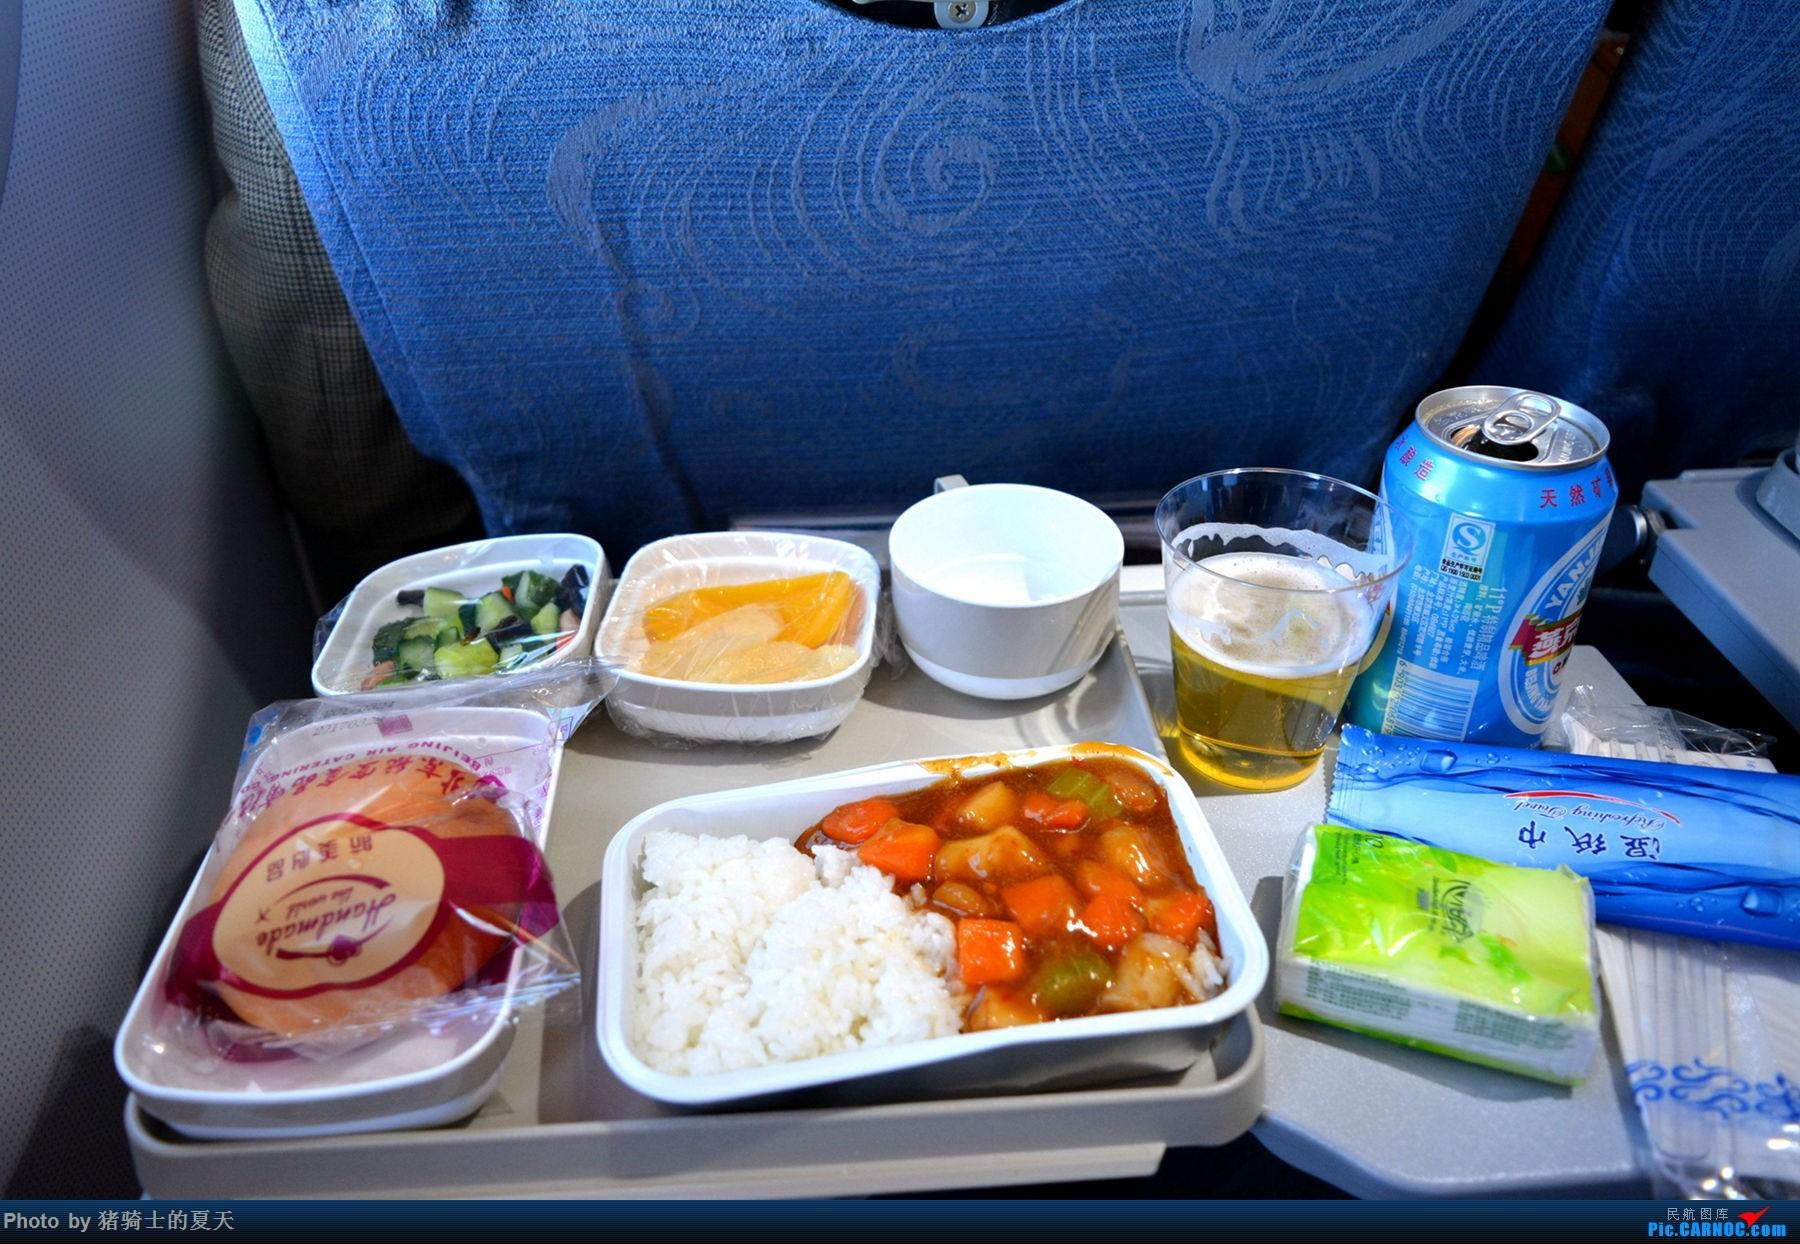 Re:2017年鸡鸭图 AIRBUS A321-200 B-6605